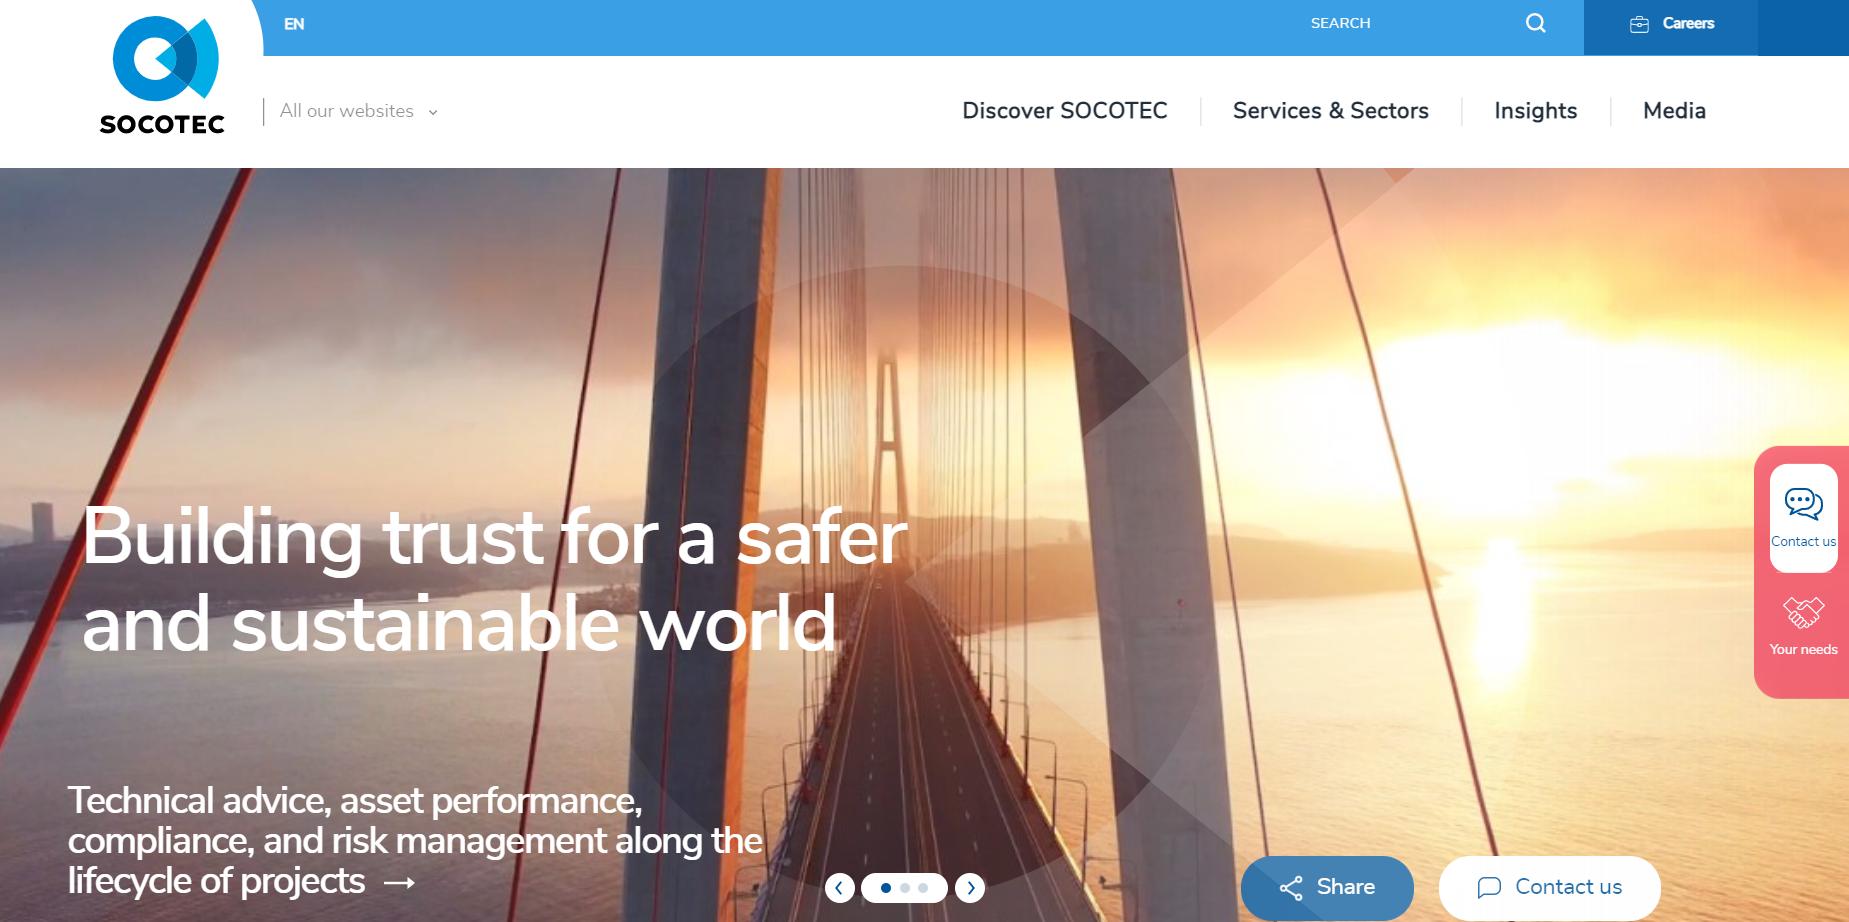 SOCOTEC.com rebrand